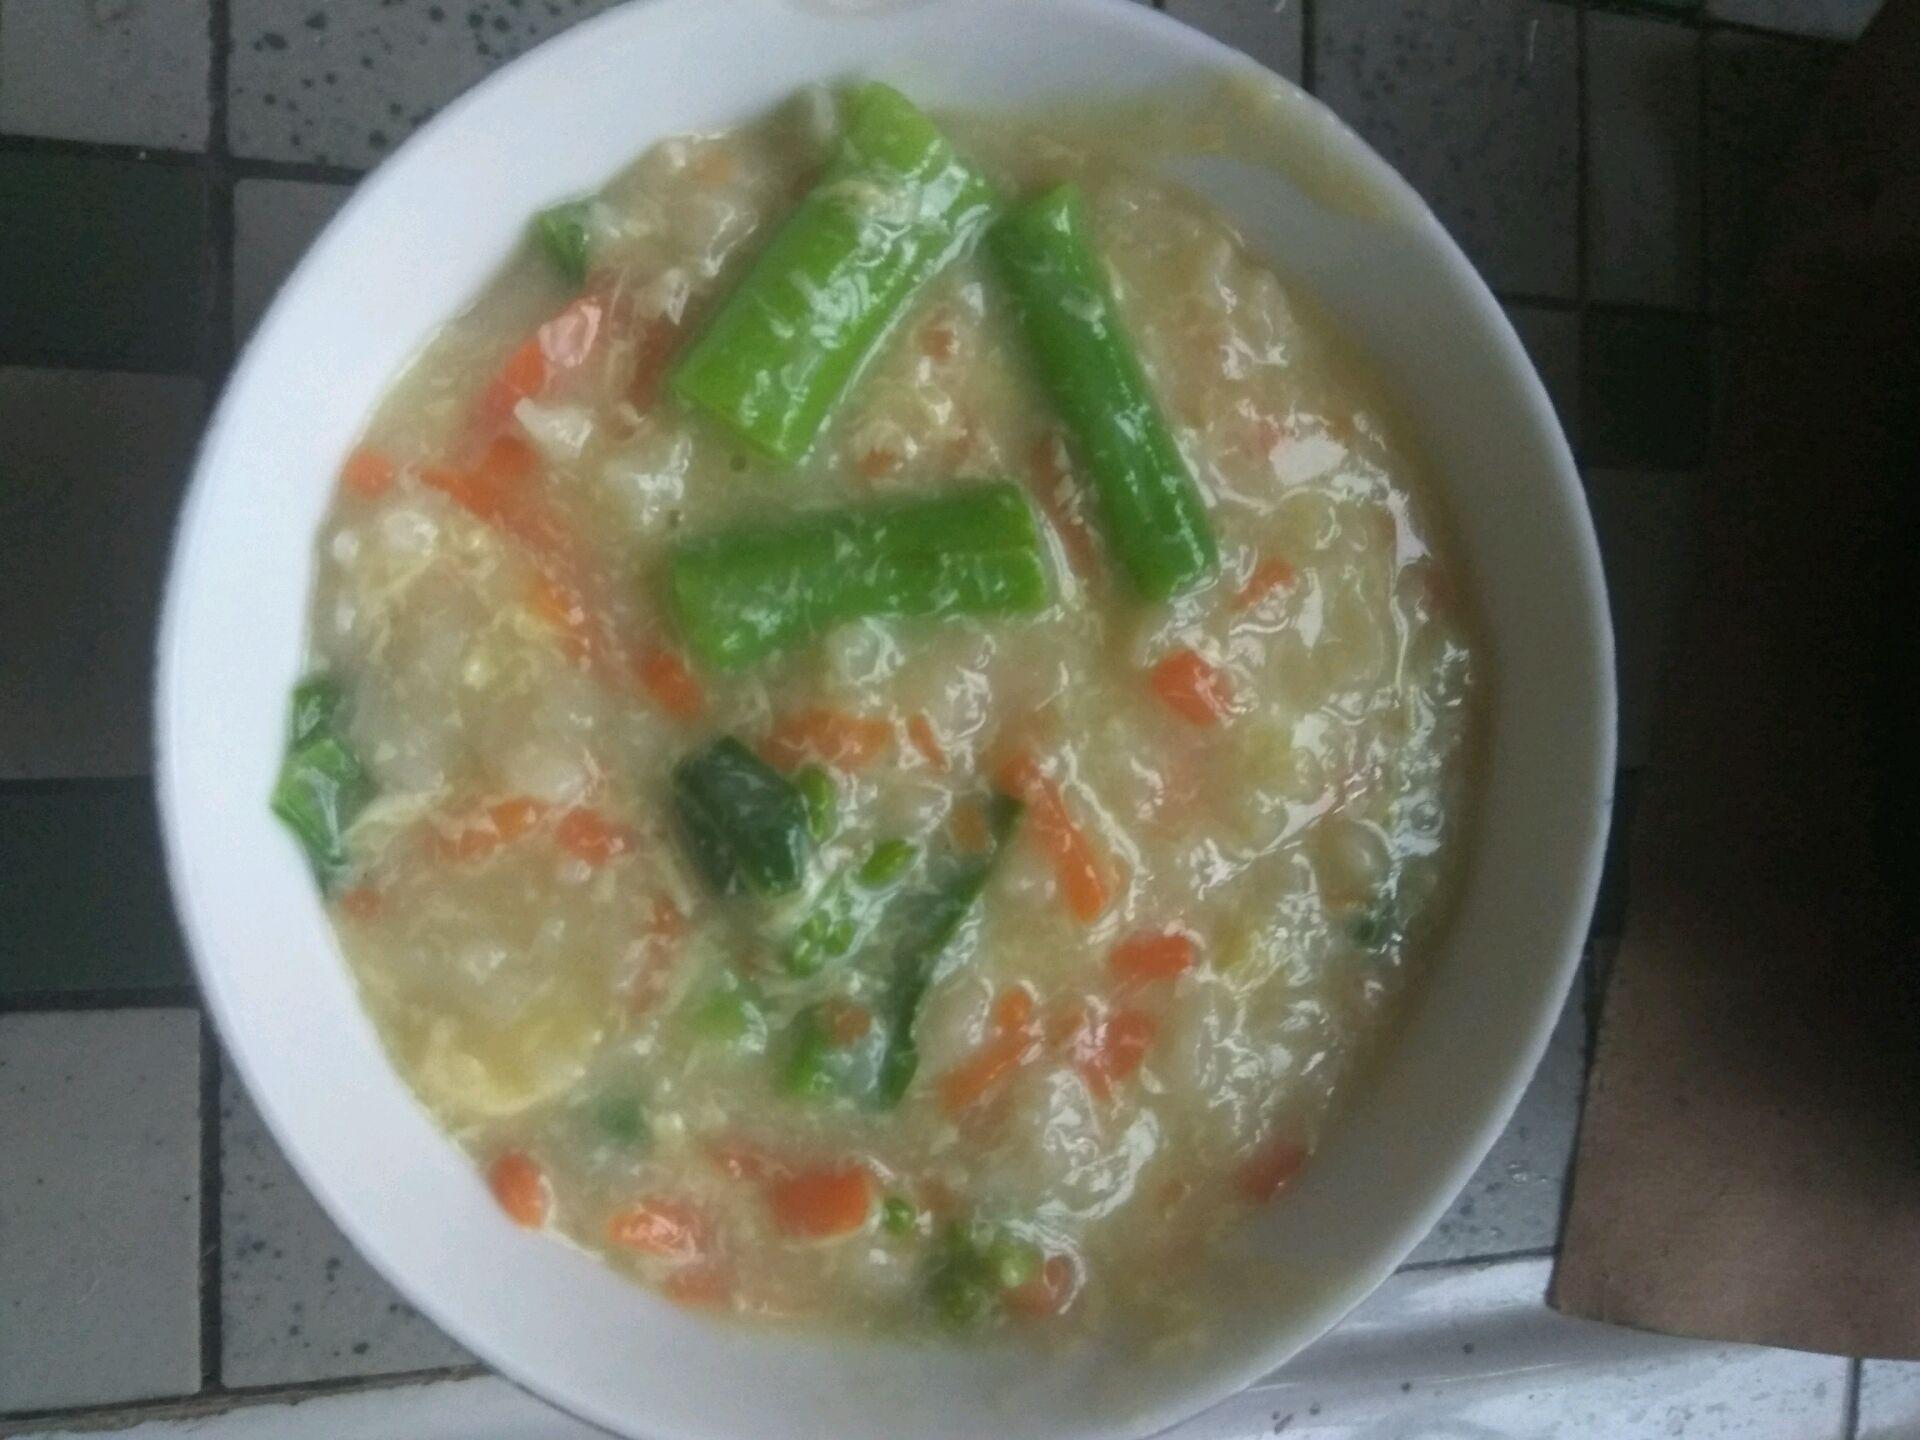 养胃早餐——疙瘩汤的做法图解7